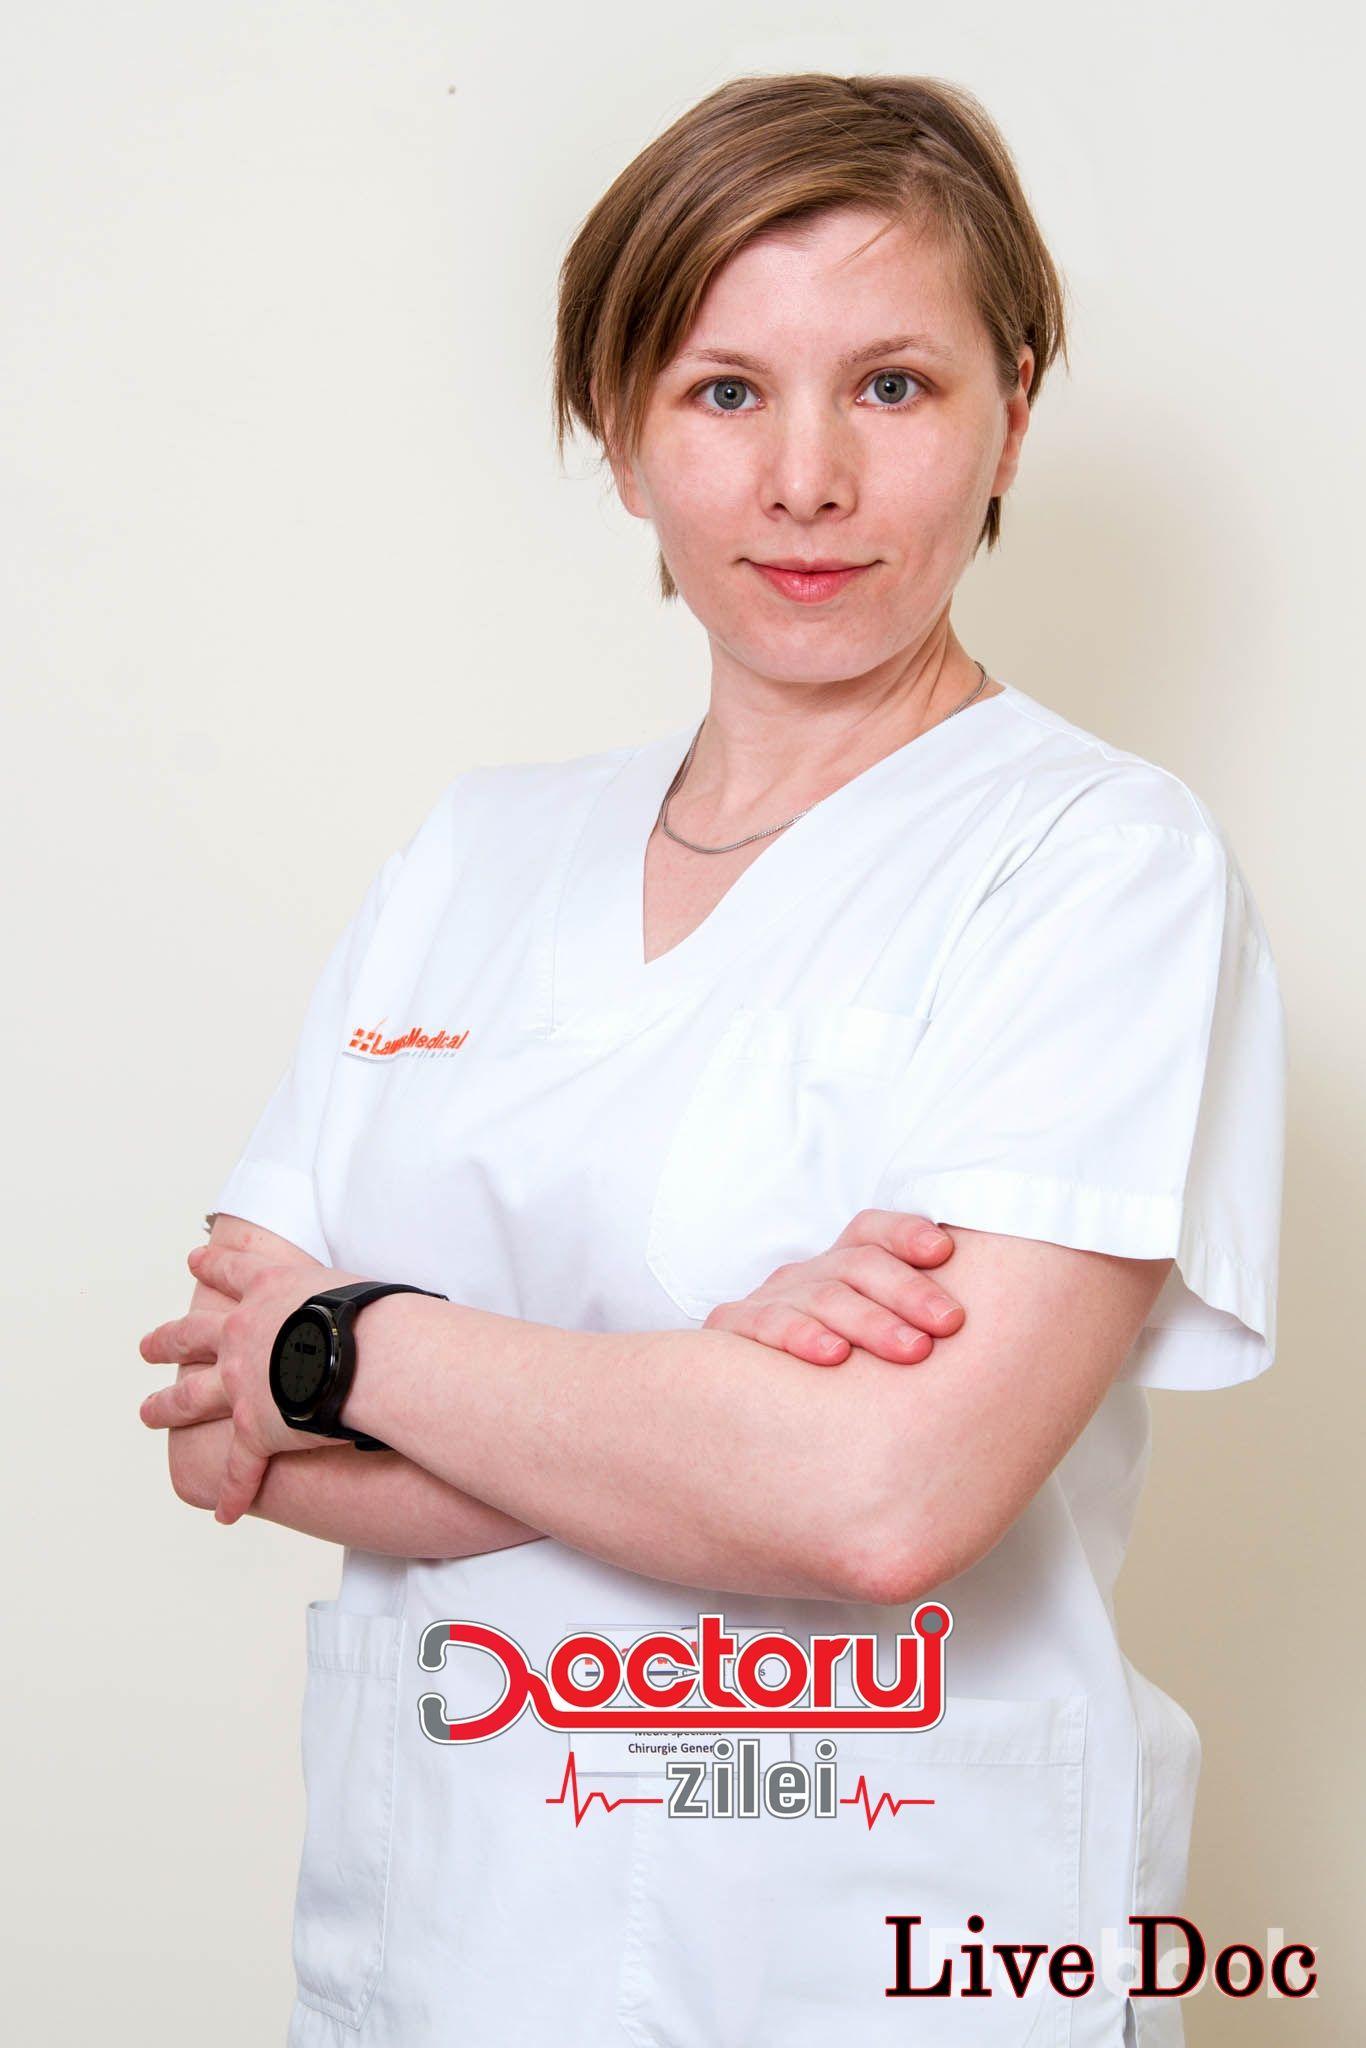 LiveDoc cu Dr. Ana-Laura Manda, medic specialist chirurgie generală. Tot ce trebuie să știm despre hemoroizi și cum putem preveni această boală